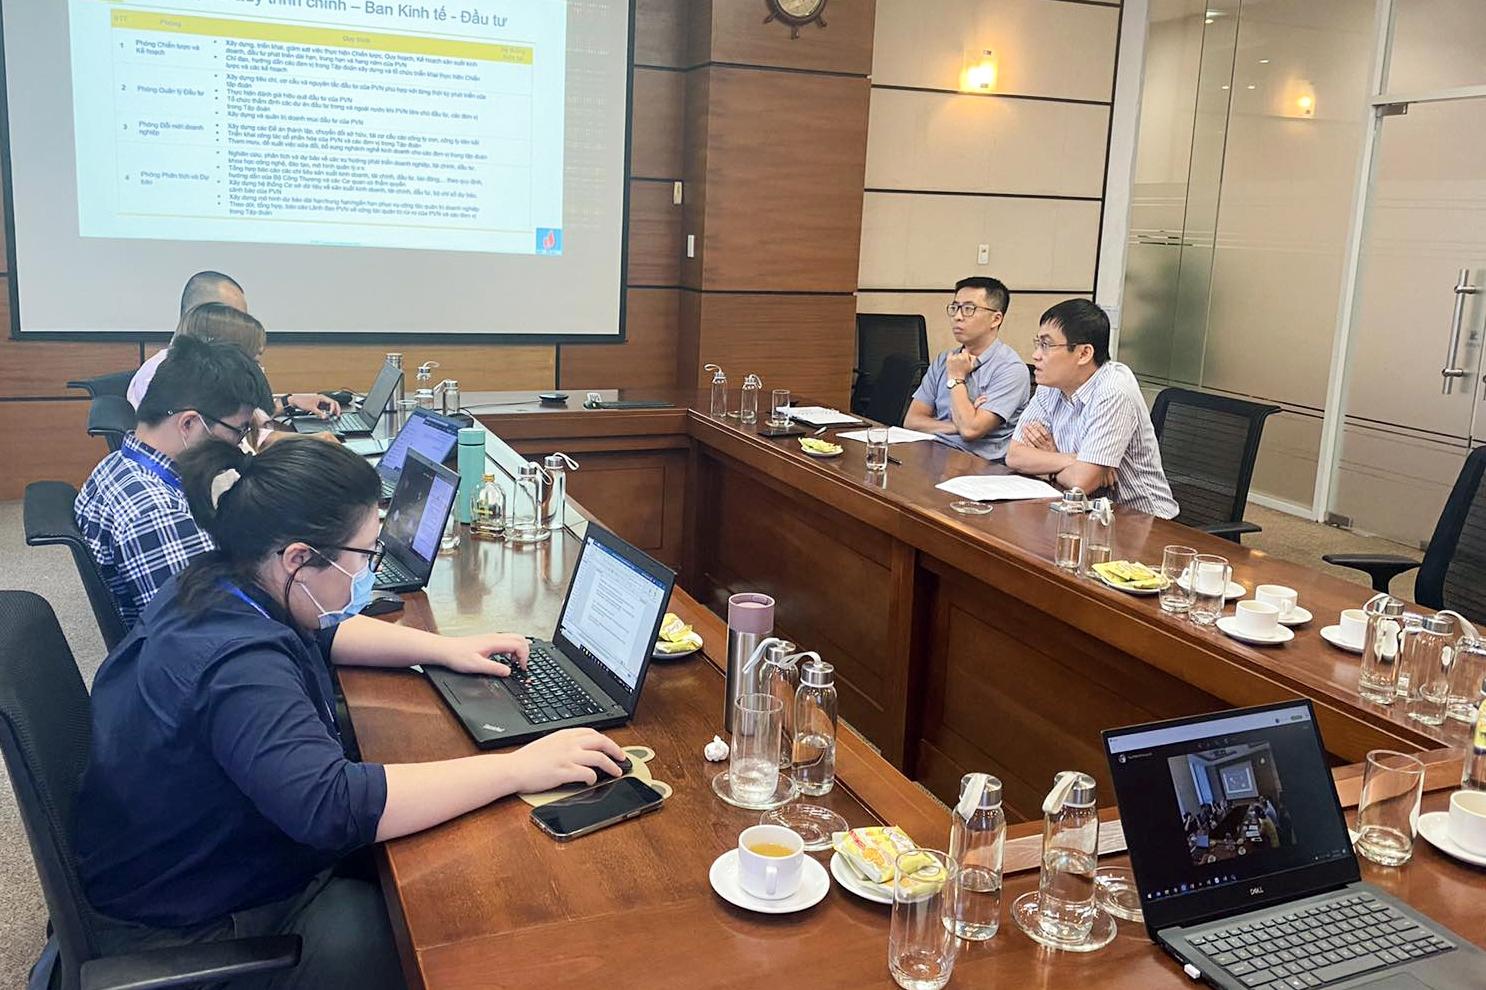 Xây dựng chiến lược chuyển đổi số ở Petrovietnam: Những kết quả bước đầu